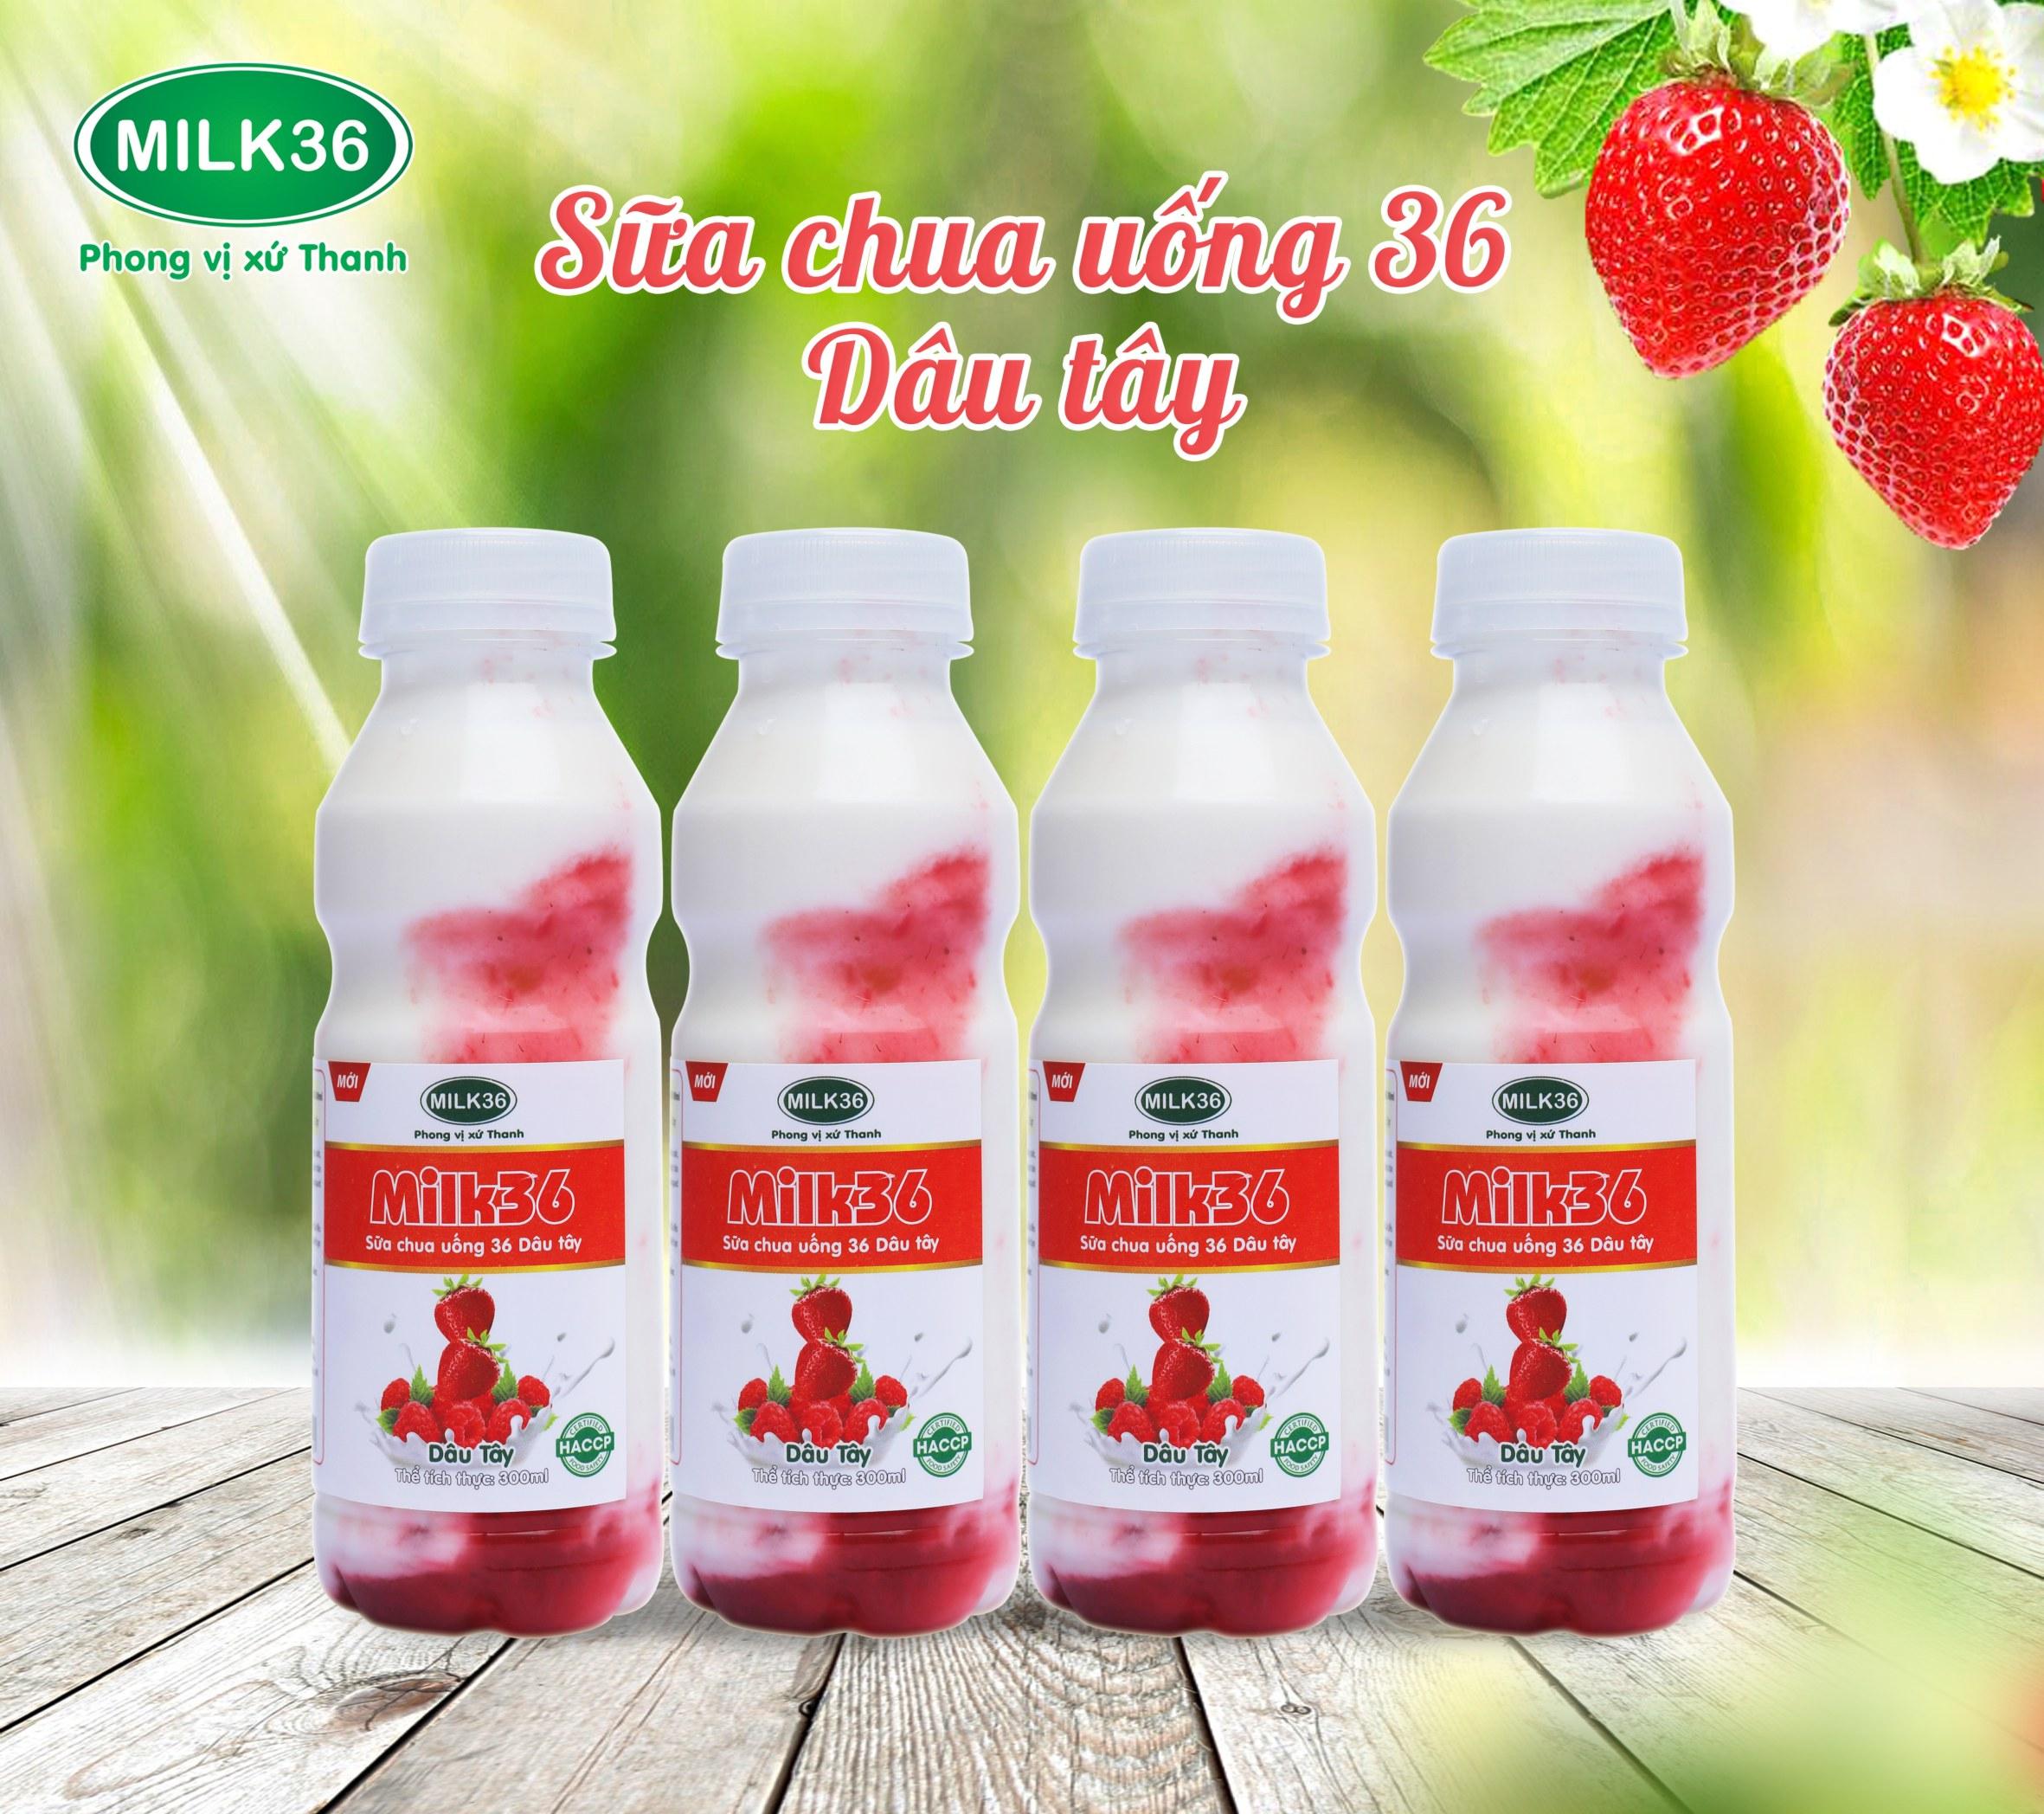 Sữa chua uống 36 Dâu tây mới